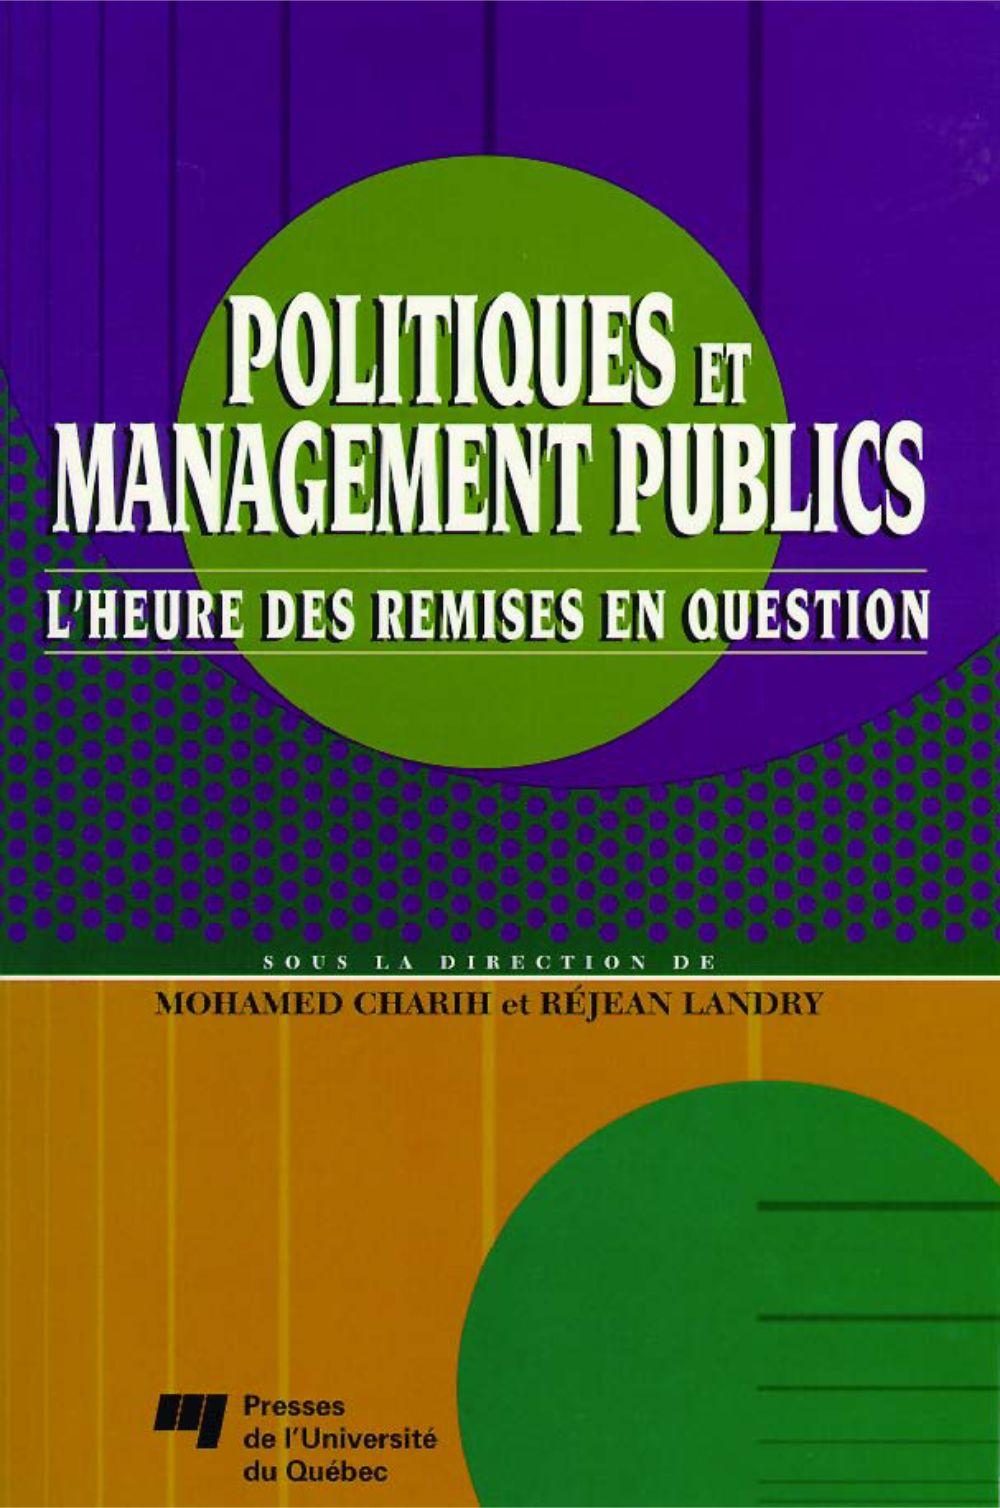 Politiques et management publics